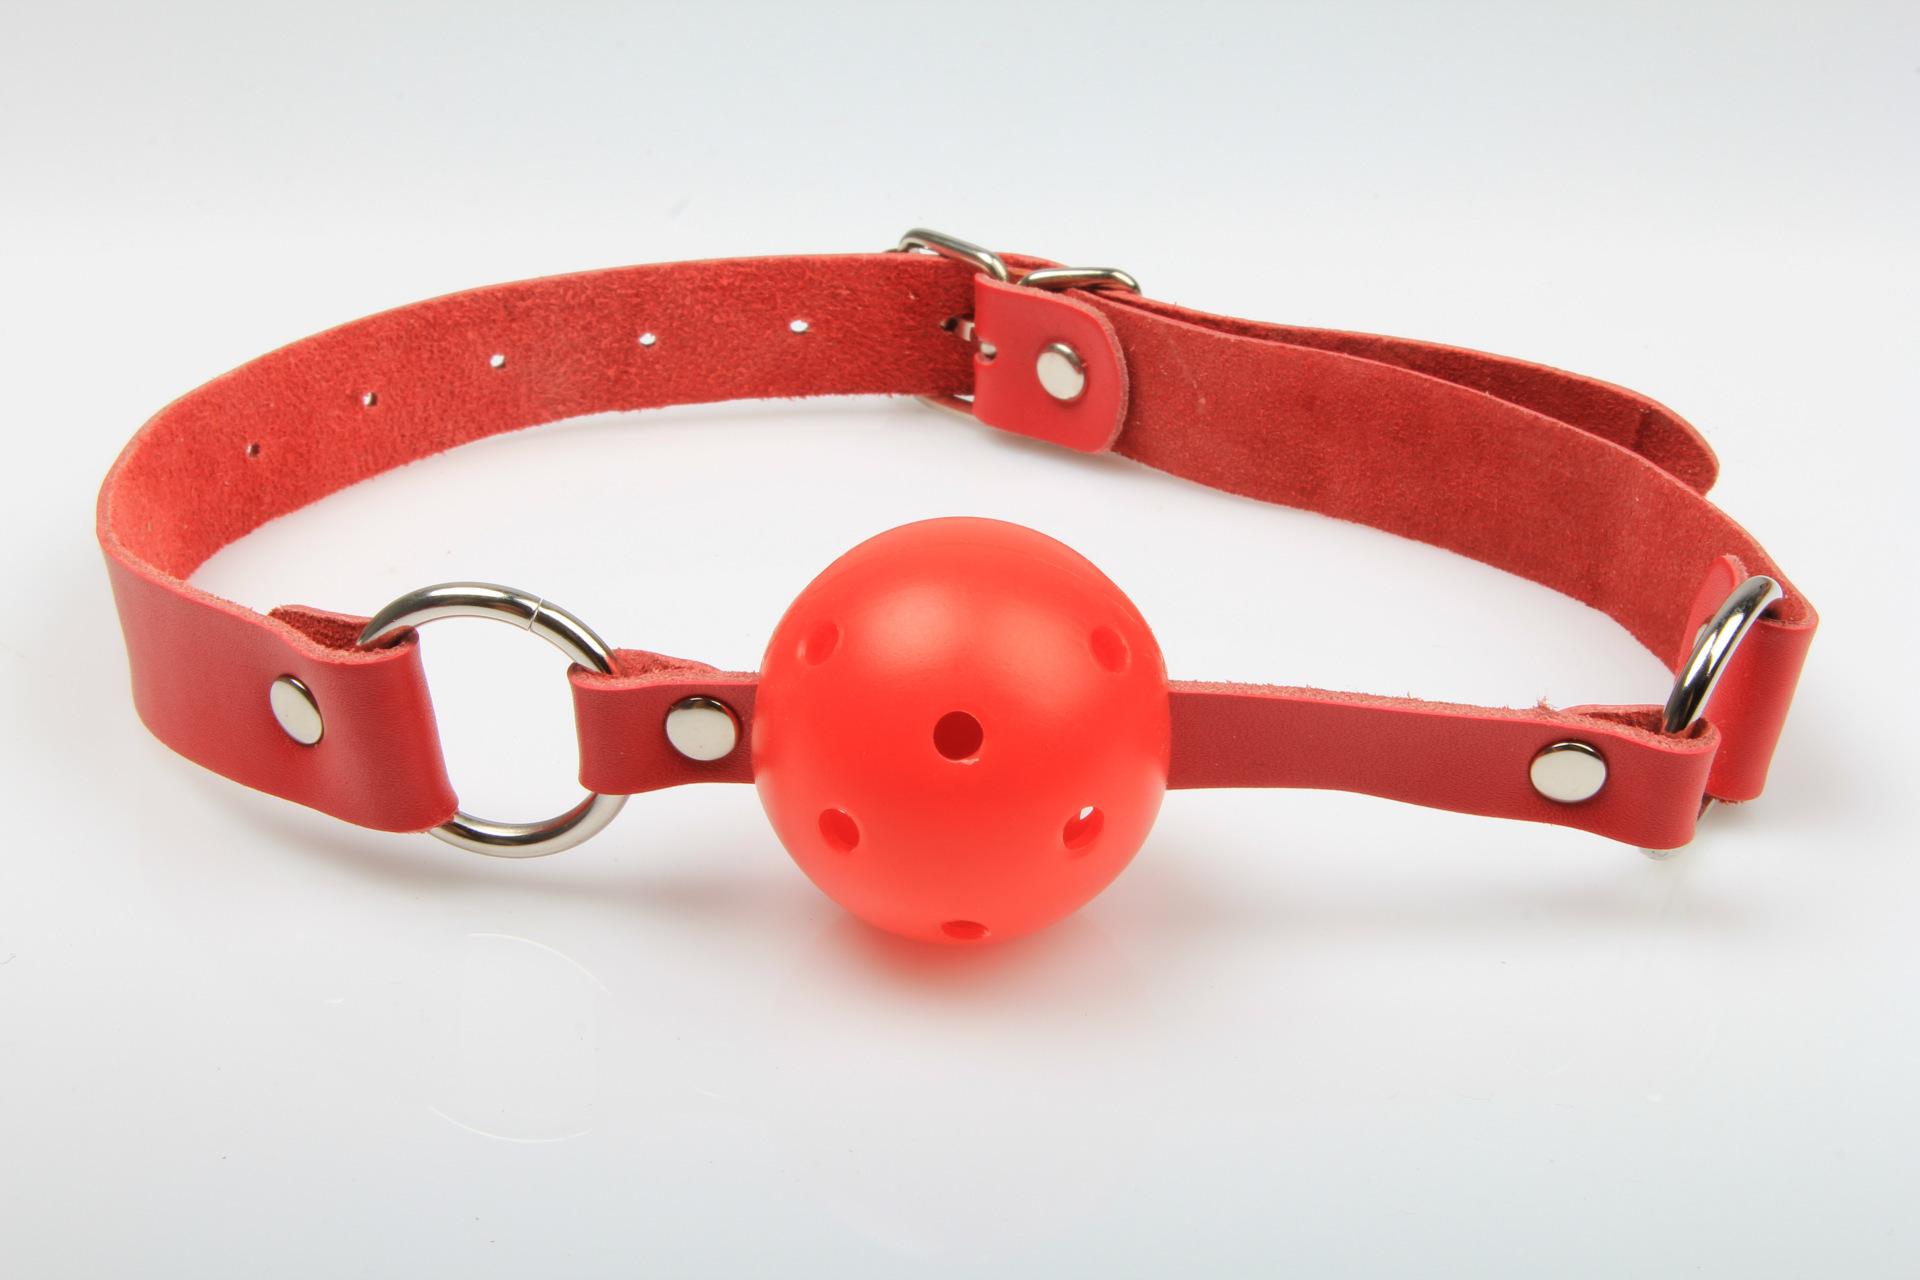 成人用品简易情趣用品游戏玩具情趣口衔道具口塞口枷~红口塞火夜情趣内衣透明图片